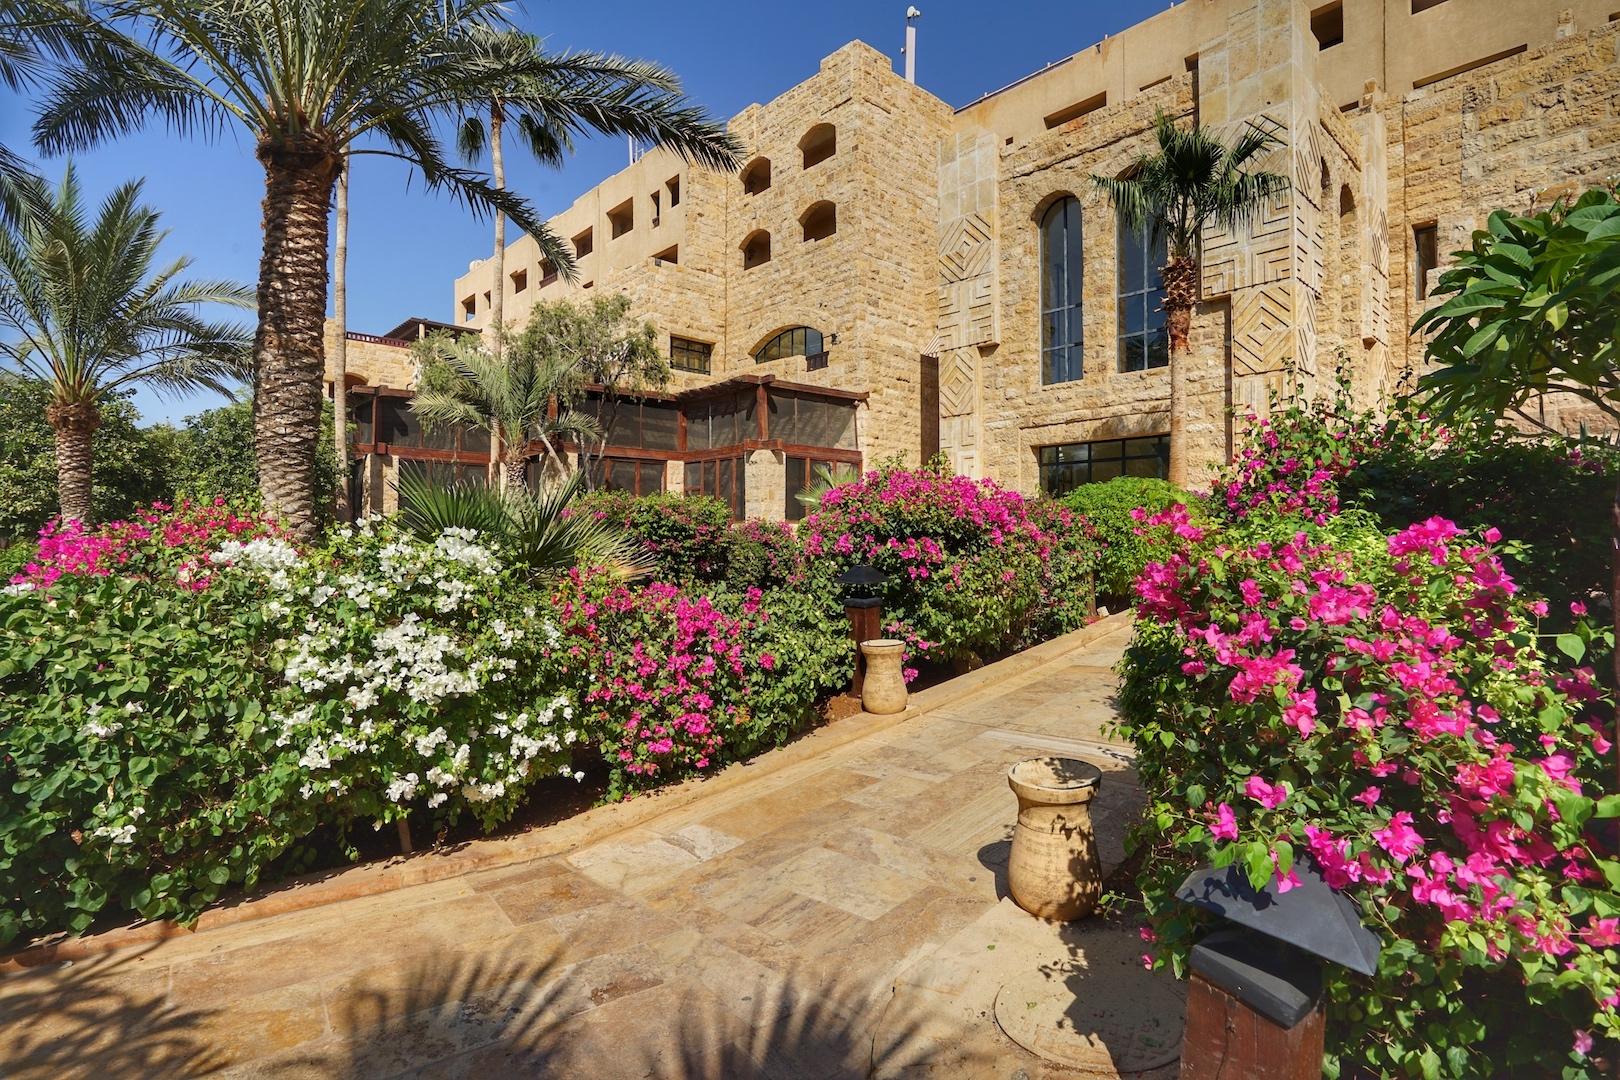 Im Haupthaus des 5 Sterne Hotels Mövenpick Dead Sea & Spa befindet sich auch das Restaurant Al Saray